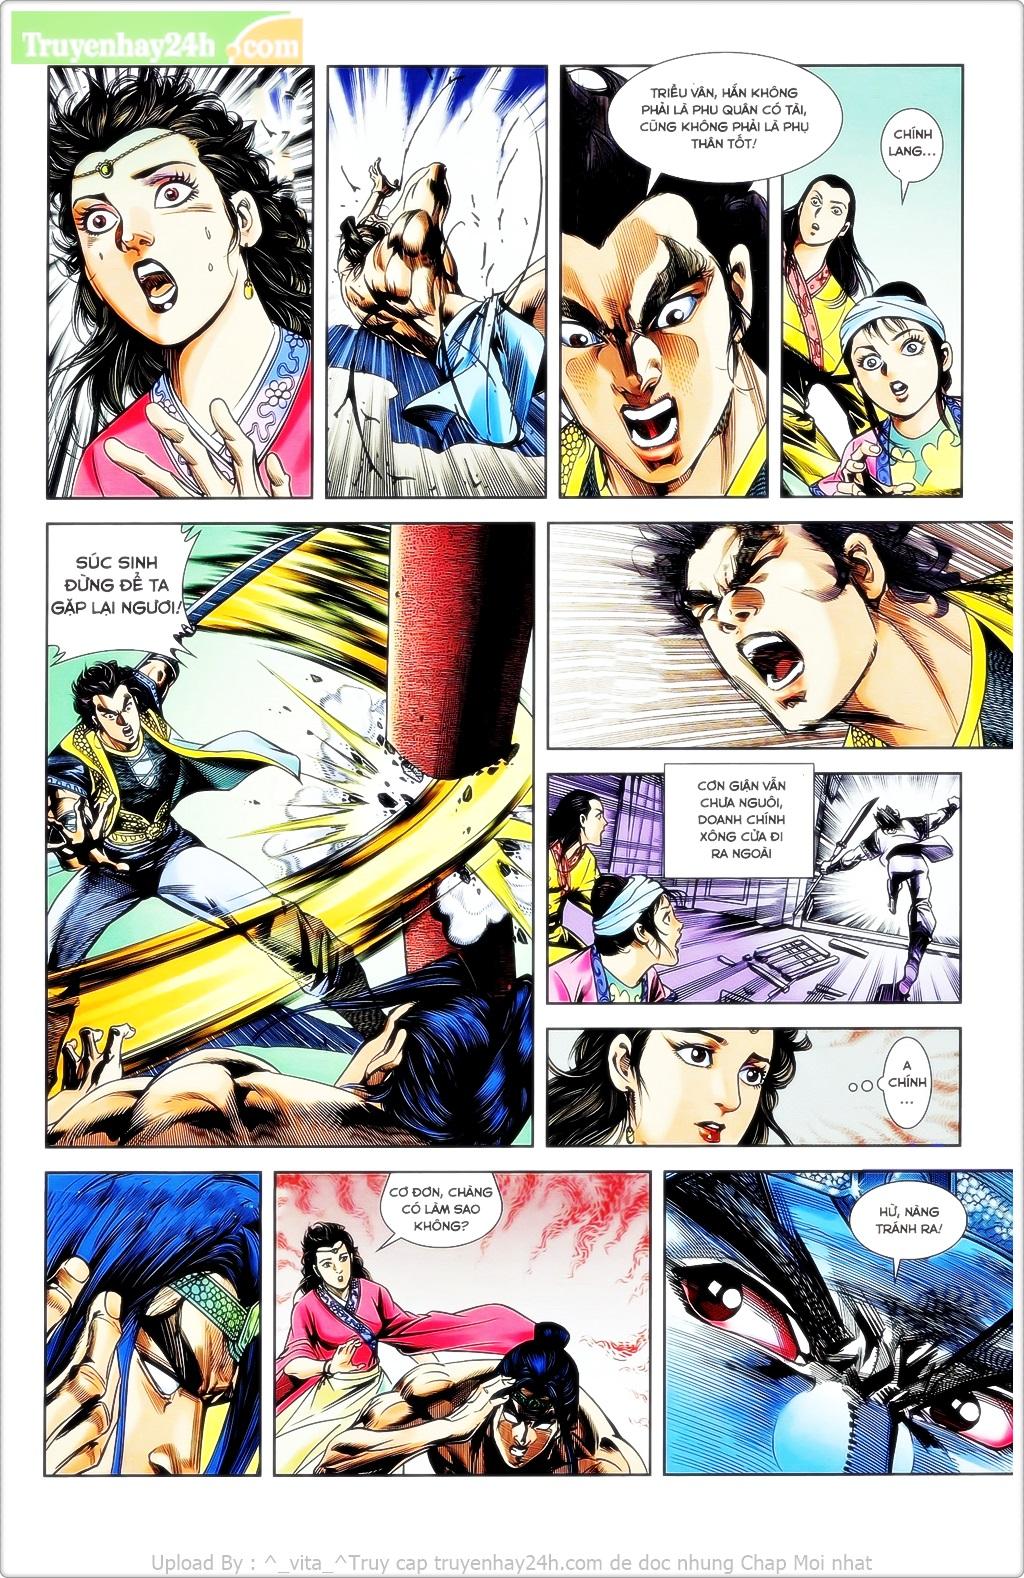 Tần Vương Doanh Chính chapter 23 trang 3